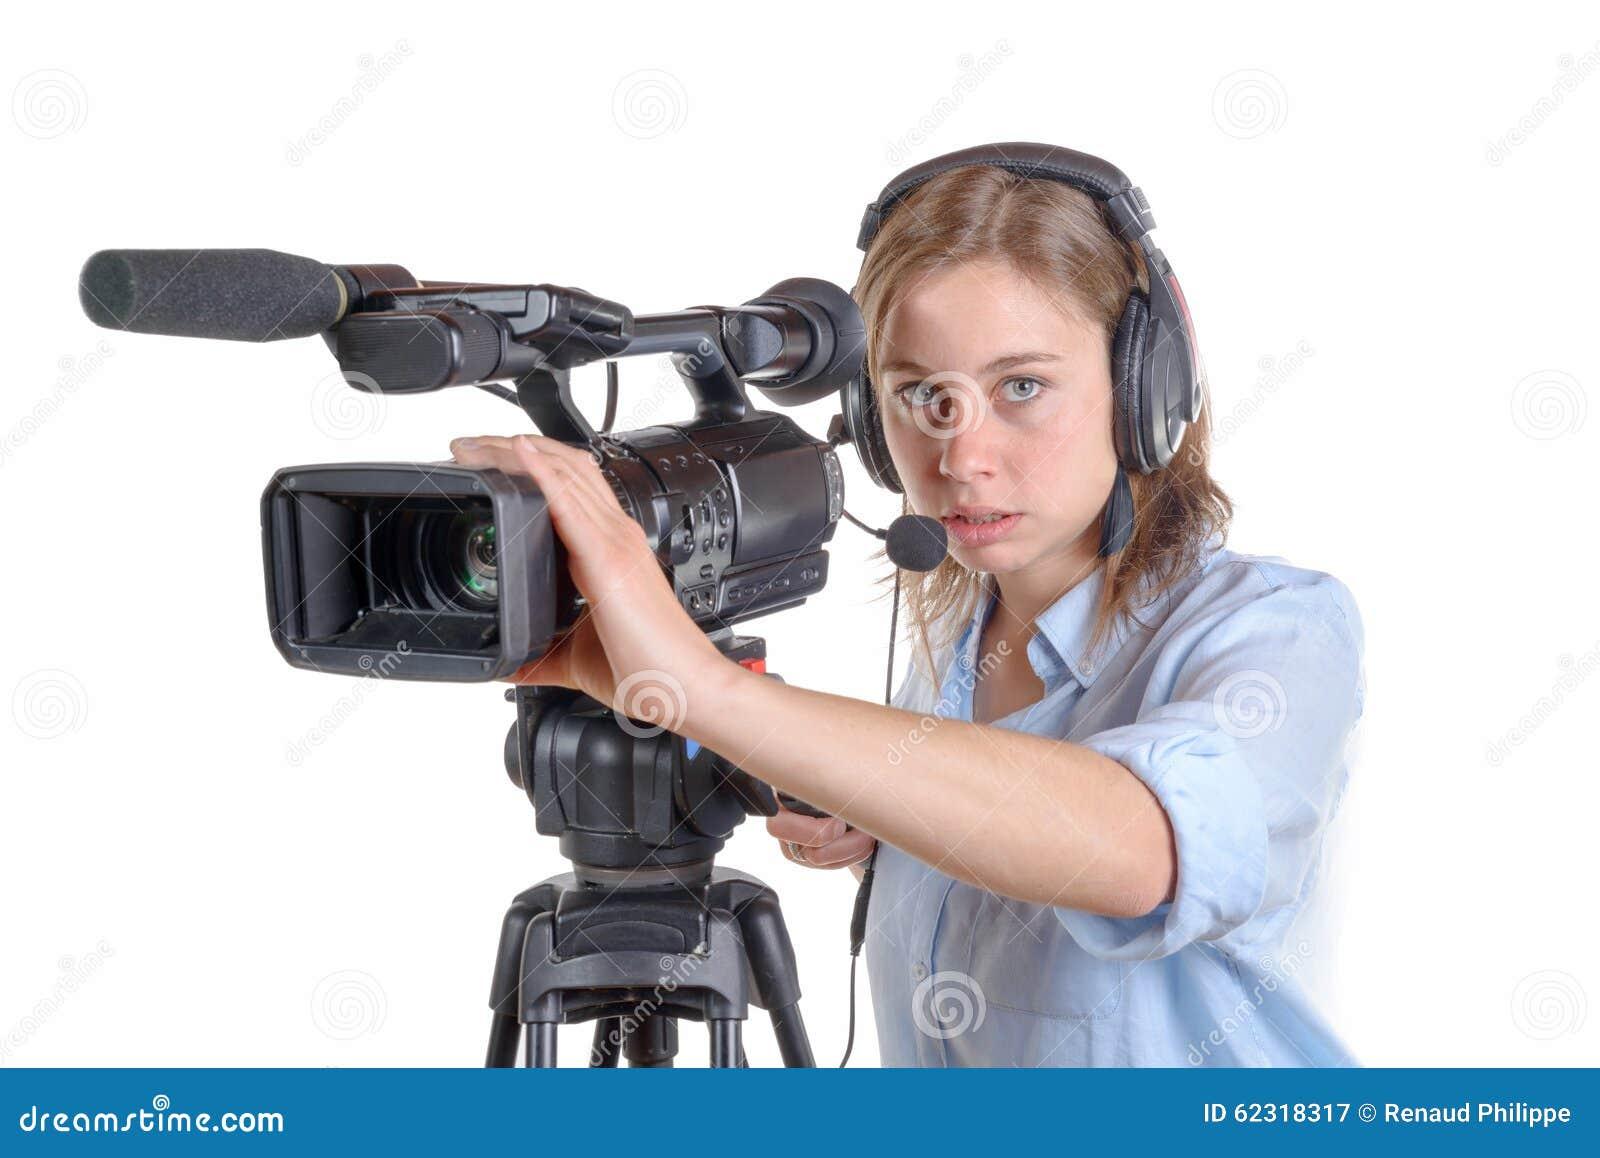 Jeune Femme Avec Une Caméra Vidéo Et Un é